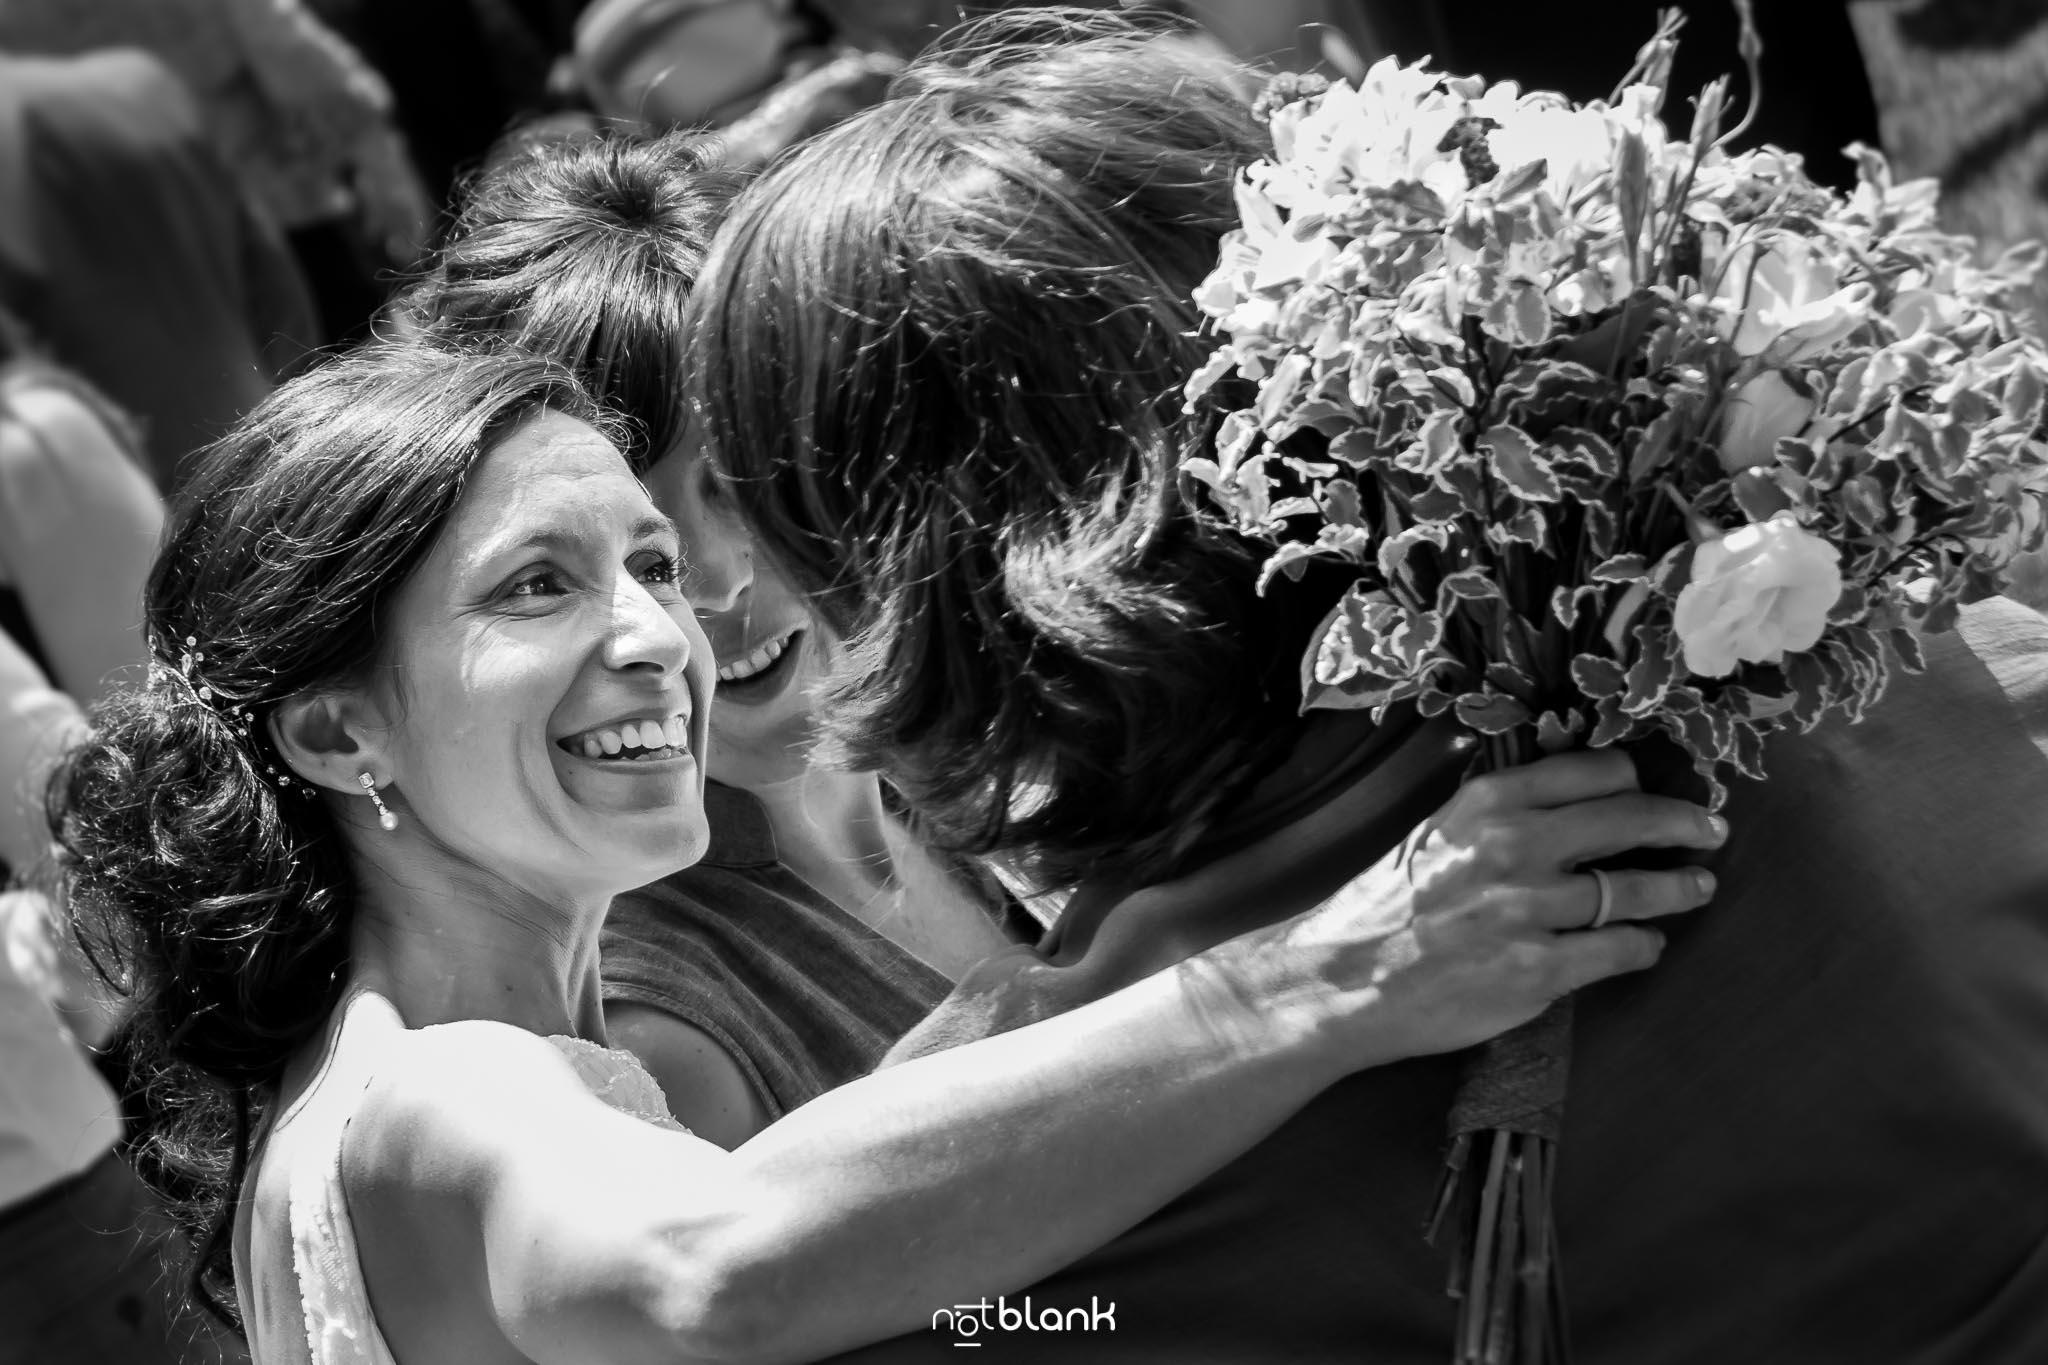 notblank-boda-Fotógrafo de boda-Pazo de Cea-Nigrán-Fiesta-Novia-Amigas-Sonrisa-Ramo-Flores